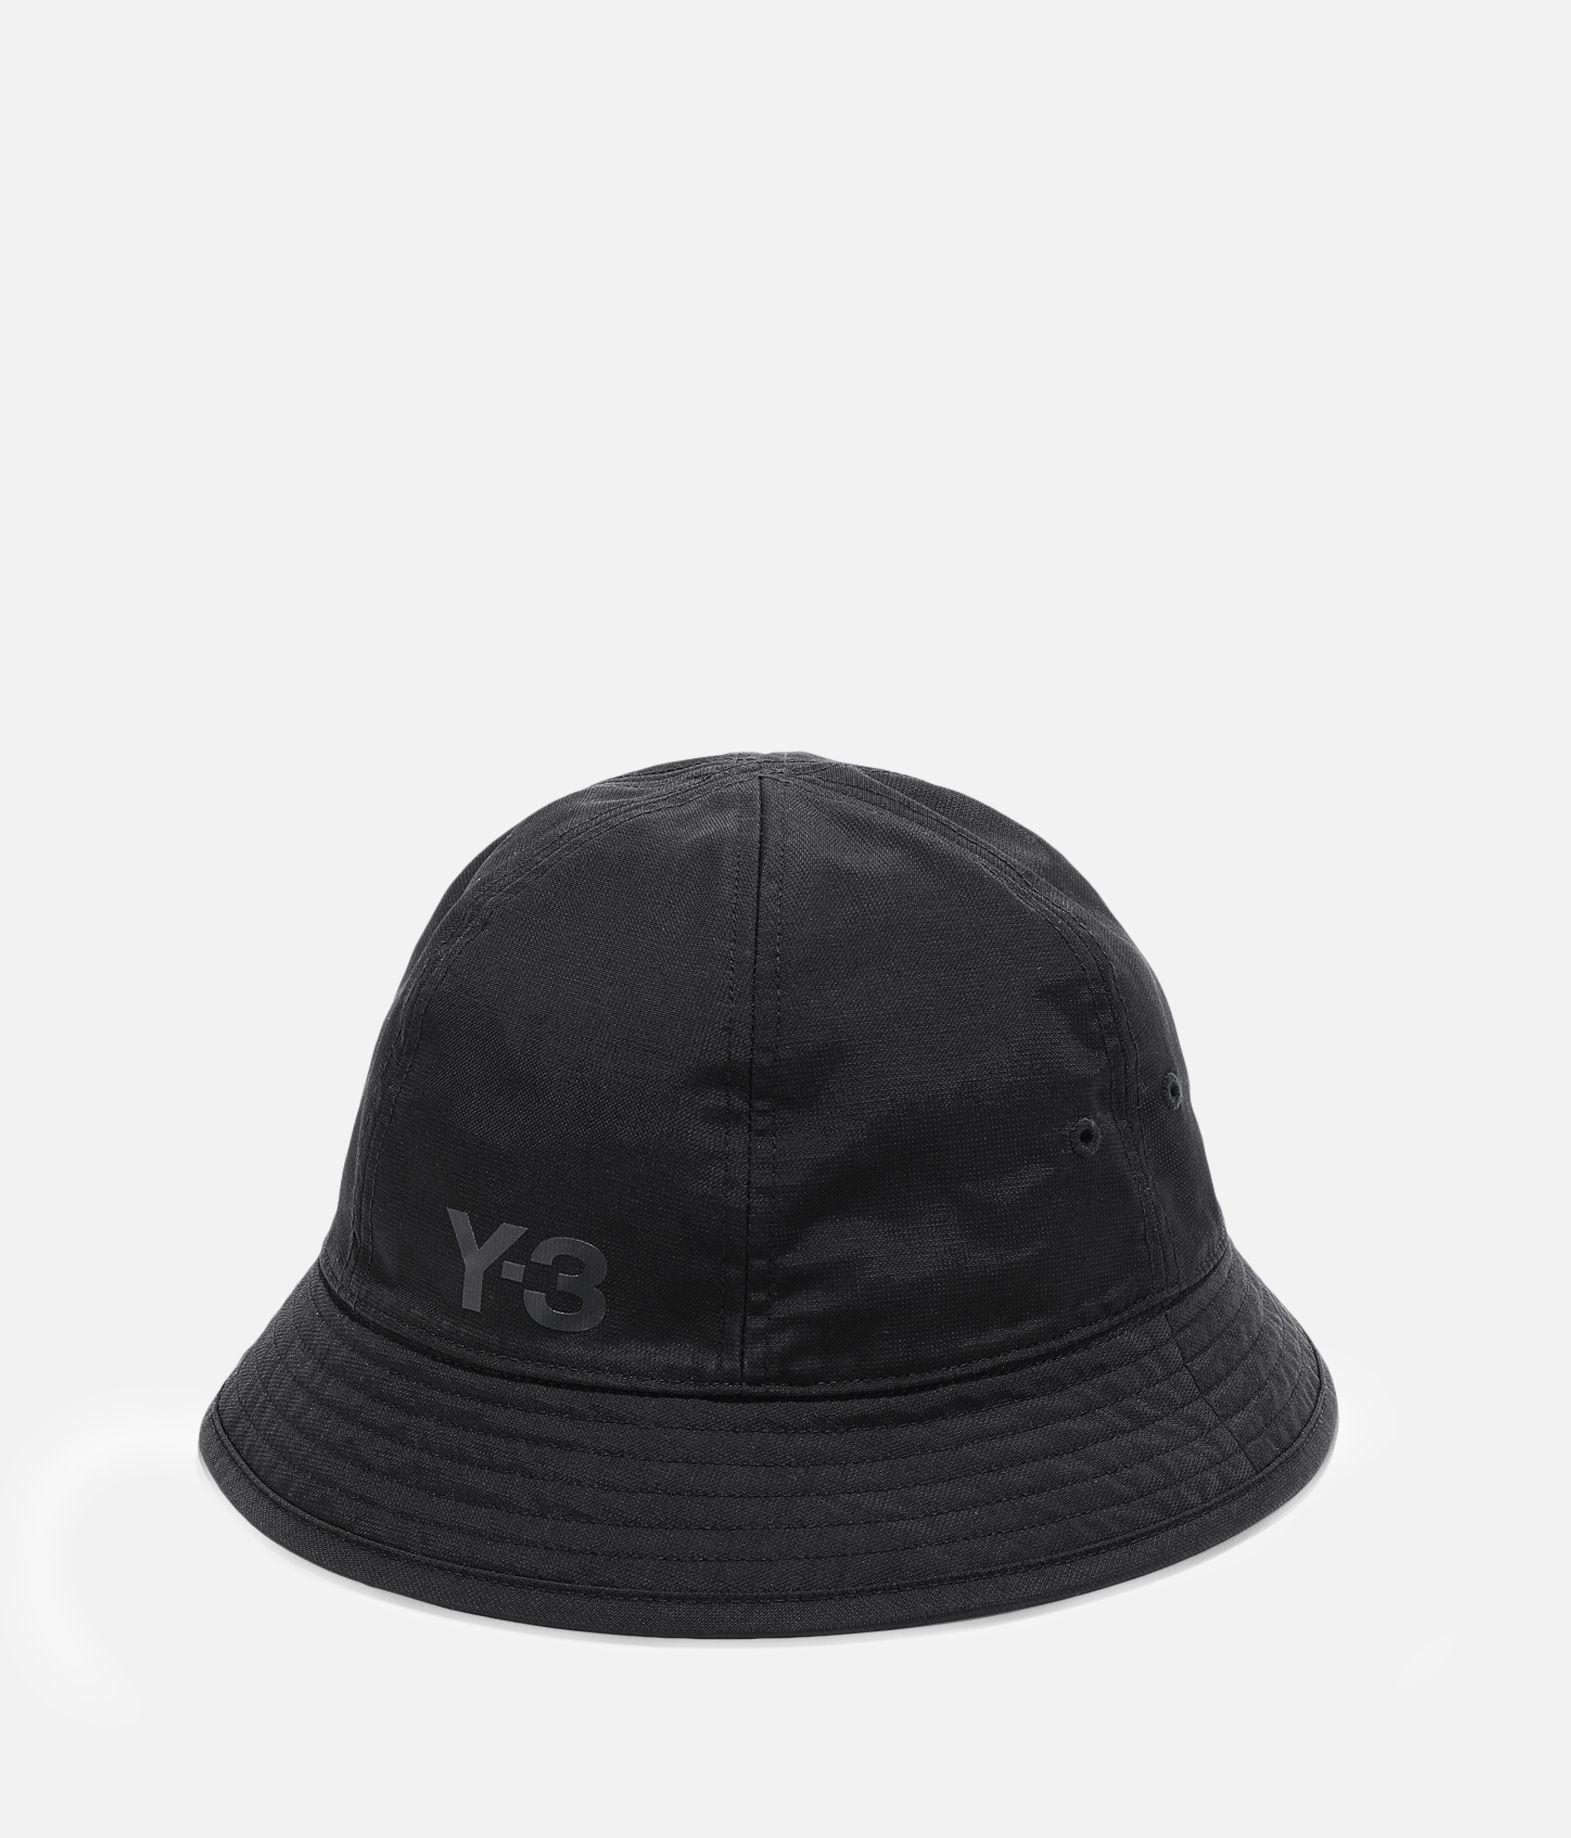 Y-3 Y-3 Bucket Hat キャップ E f